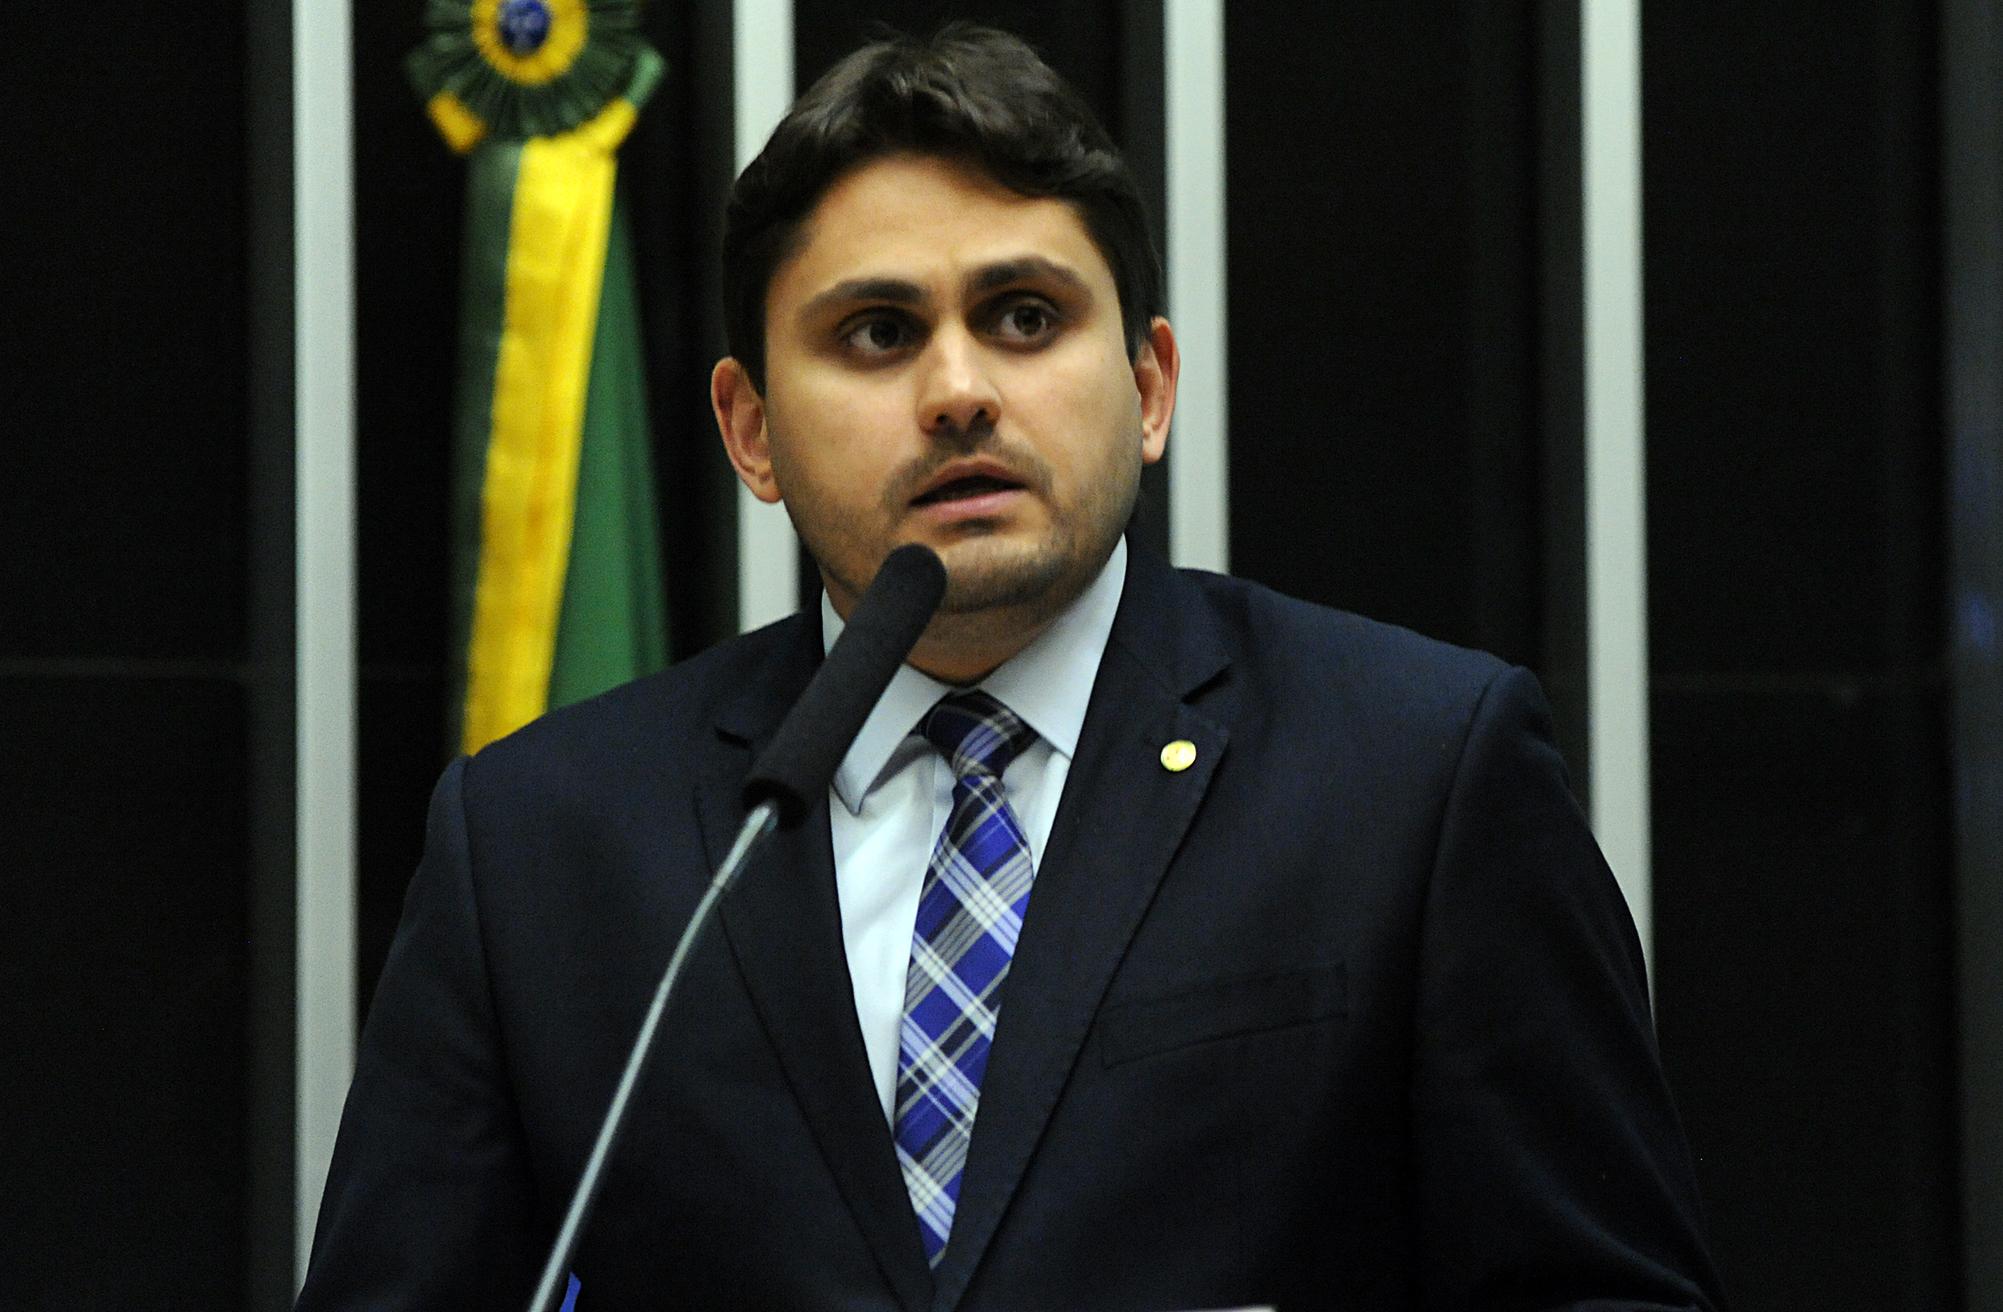 Grande Expediente - Dep. Juscelino Filho (DEM-MA)